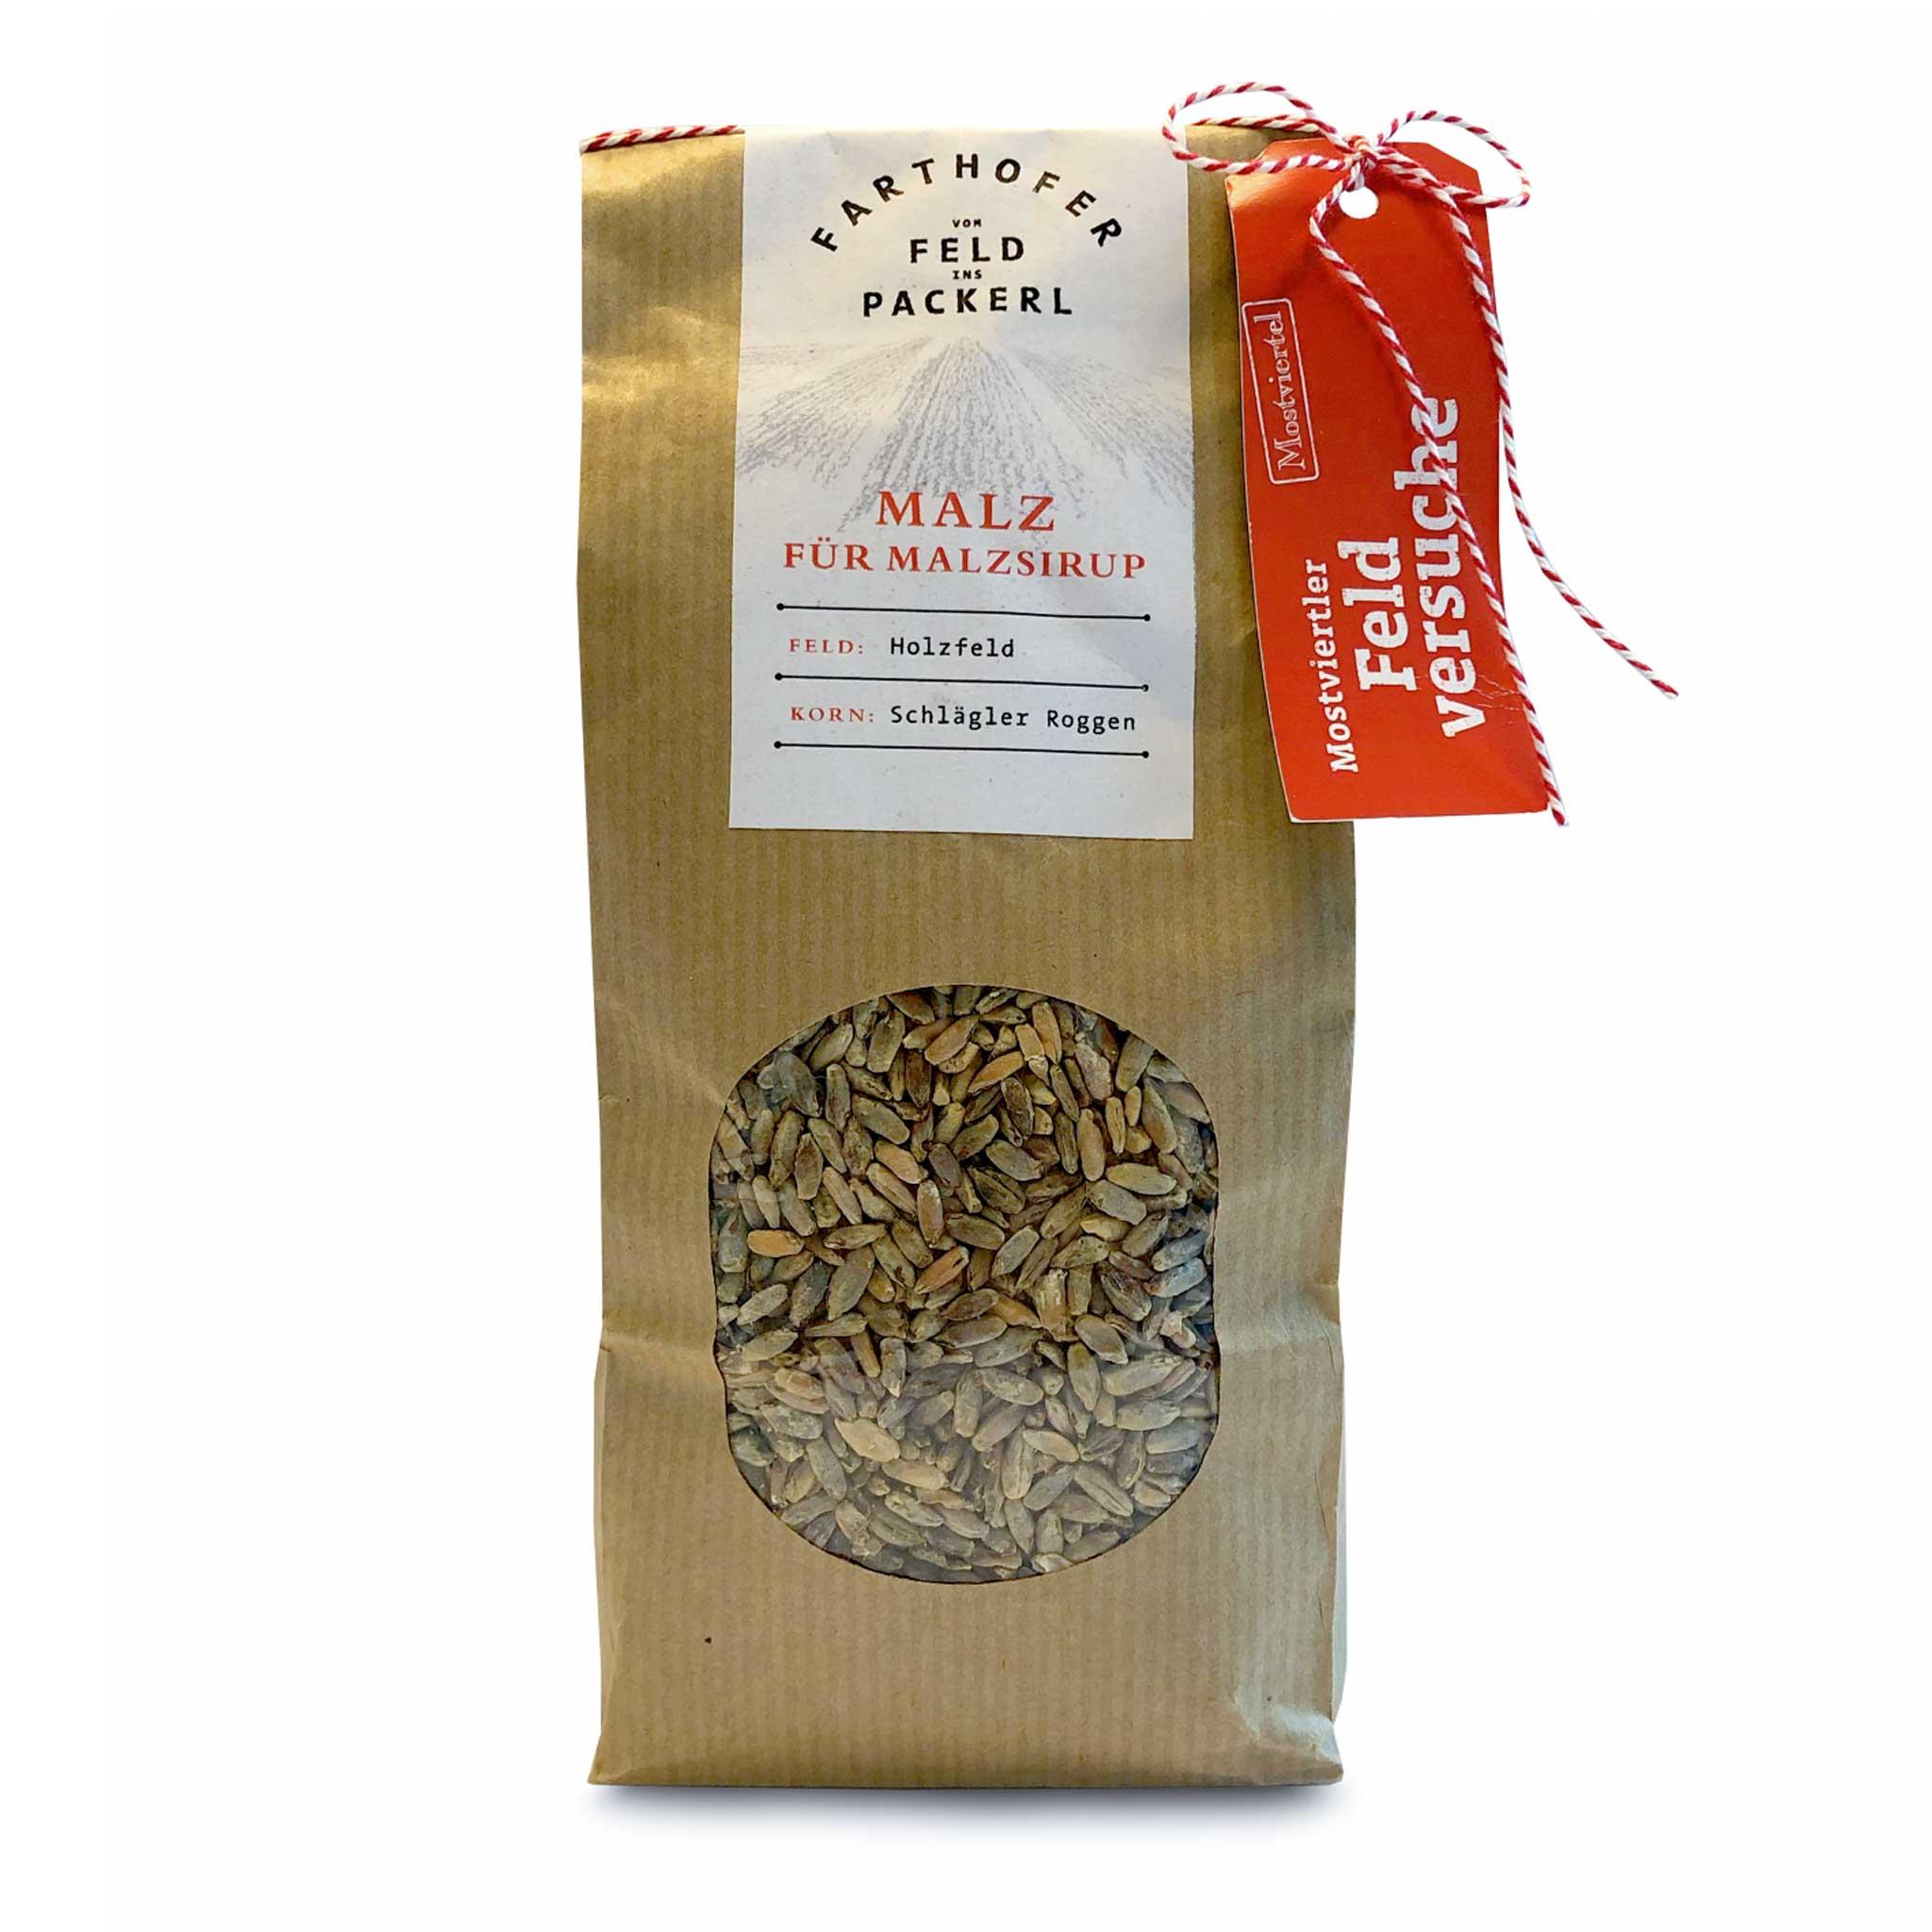 Produkt Malz für Malzsirup - Destillerie Farthofer